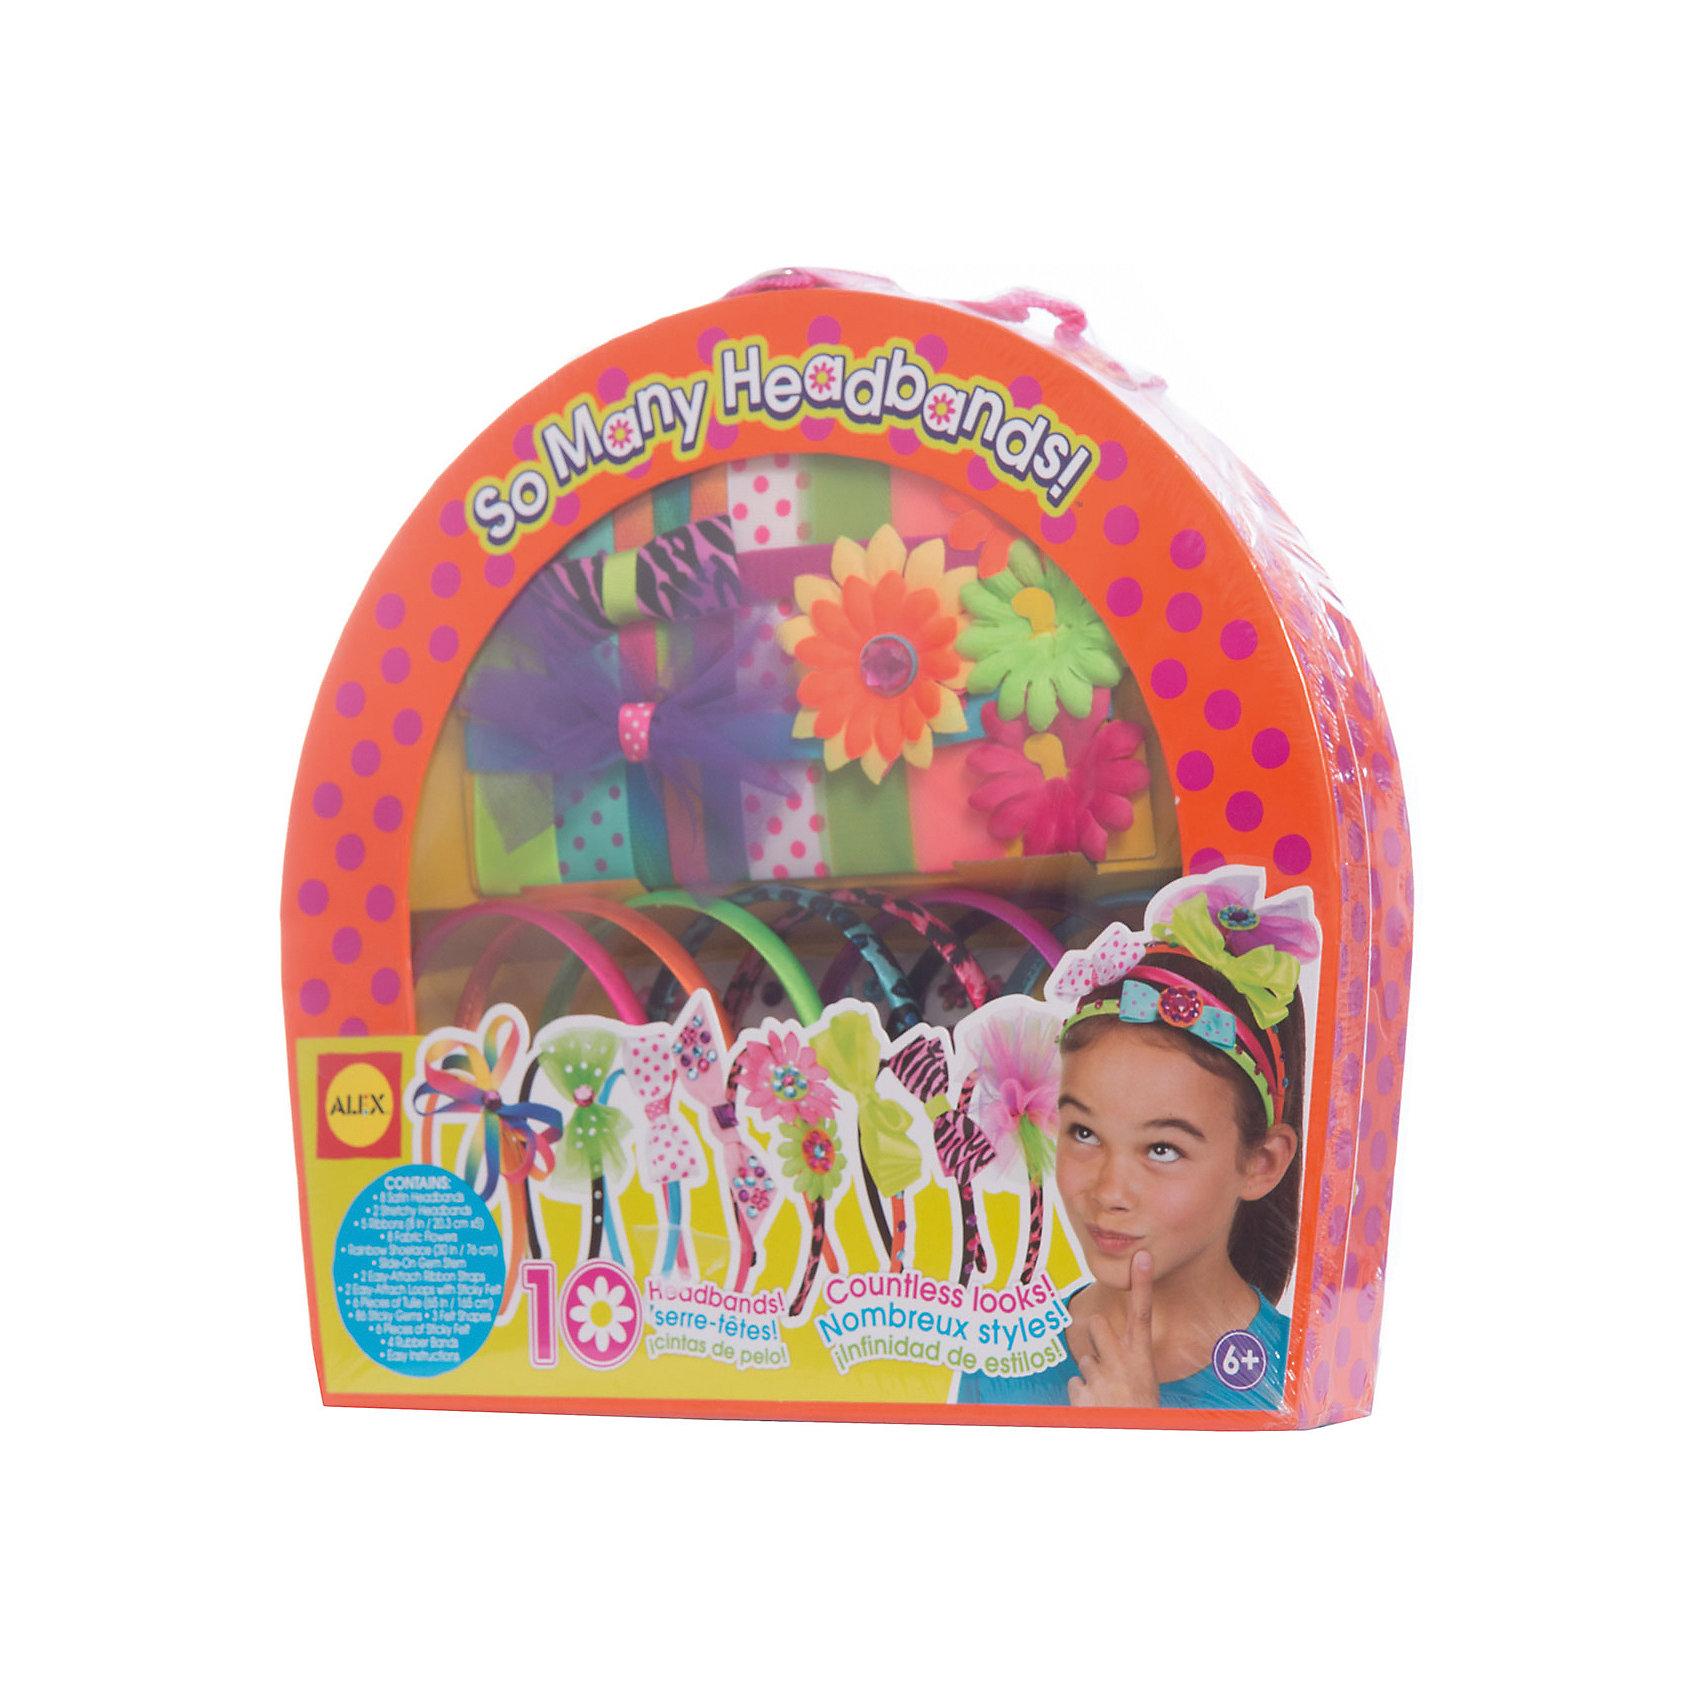 Набор 10 ободков своими руками ALEXРукоделие<br>Набор для творчества. В наборе: 8 ободков покрытых атласной тканью, 2 повязки на голову, 2 легко прикрепляемые ленты, 8 цветков, 5 лент, 86 камней, лента цвета радуги, 6 заготовок из тюли, фетровые украшения, резинки и простая инструкция, и все это упаковано в стильный чемоданчик с ручкой.<br><br>Ширина мм: 324<br>Глубина мм: 51<br>Высота мм: 298<br>Вес г: 363<br>Возраст от месяцев: 72<br>Возраст до месяцев: 120<br>Пол: Женский<br>Возраст: Детский<br>SKU: 3309734